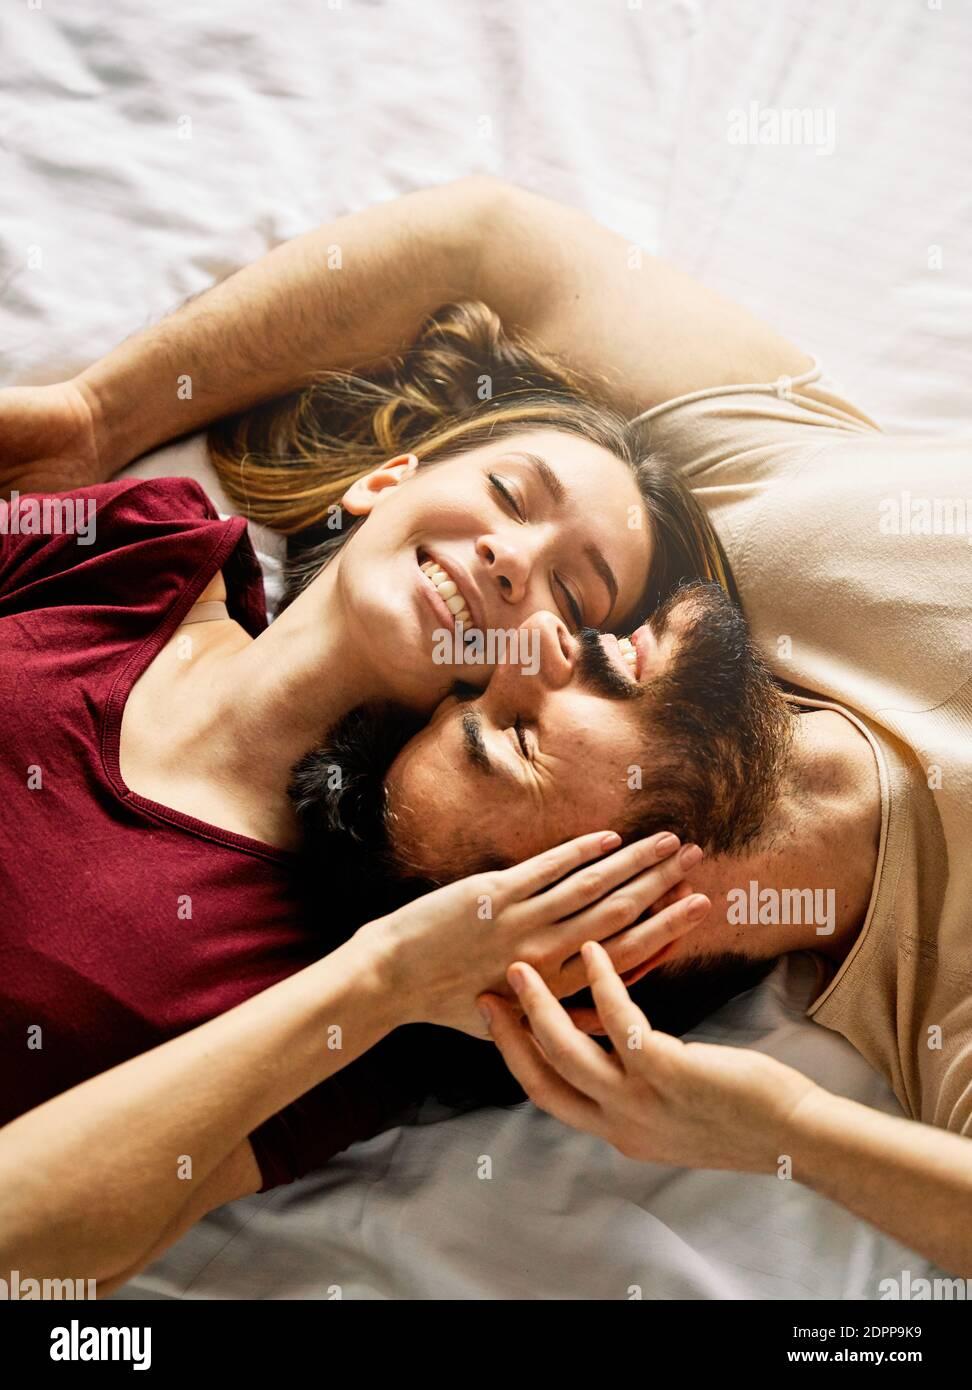 MeHam Balan/çoire de Couple dint/érieur avec Porte de Coussin balan/çoire de Jouet de Couple Romantique Suspendue de Haute qualit/é